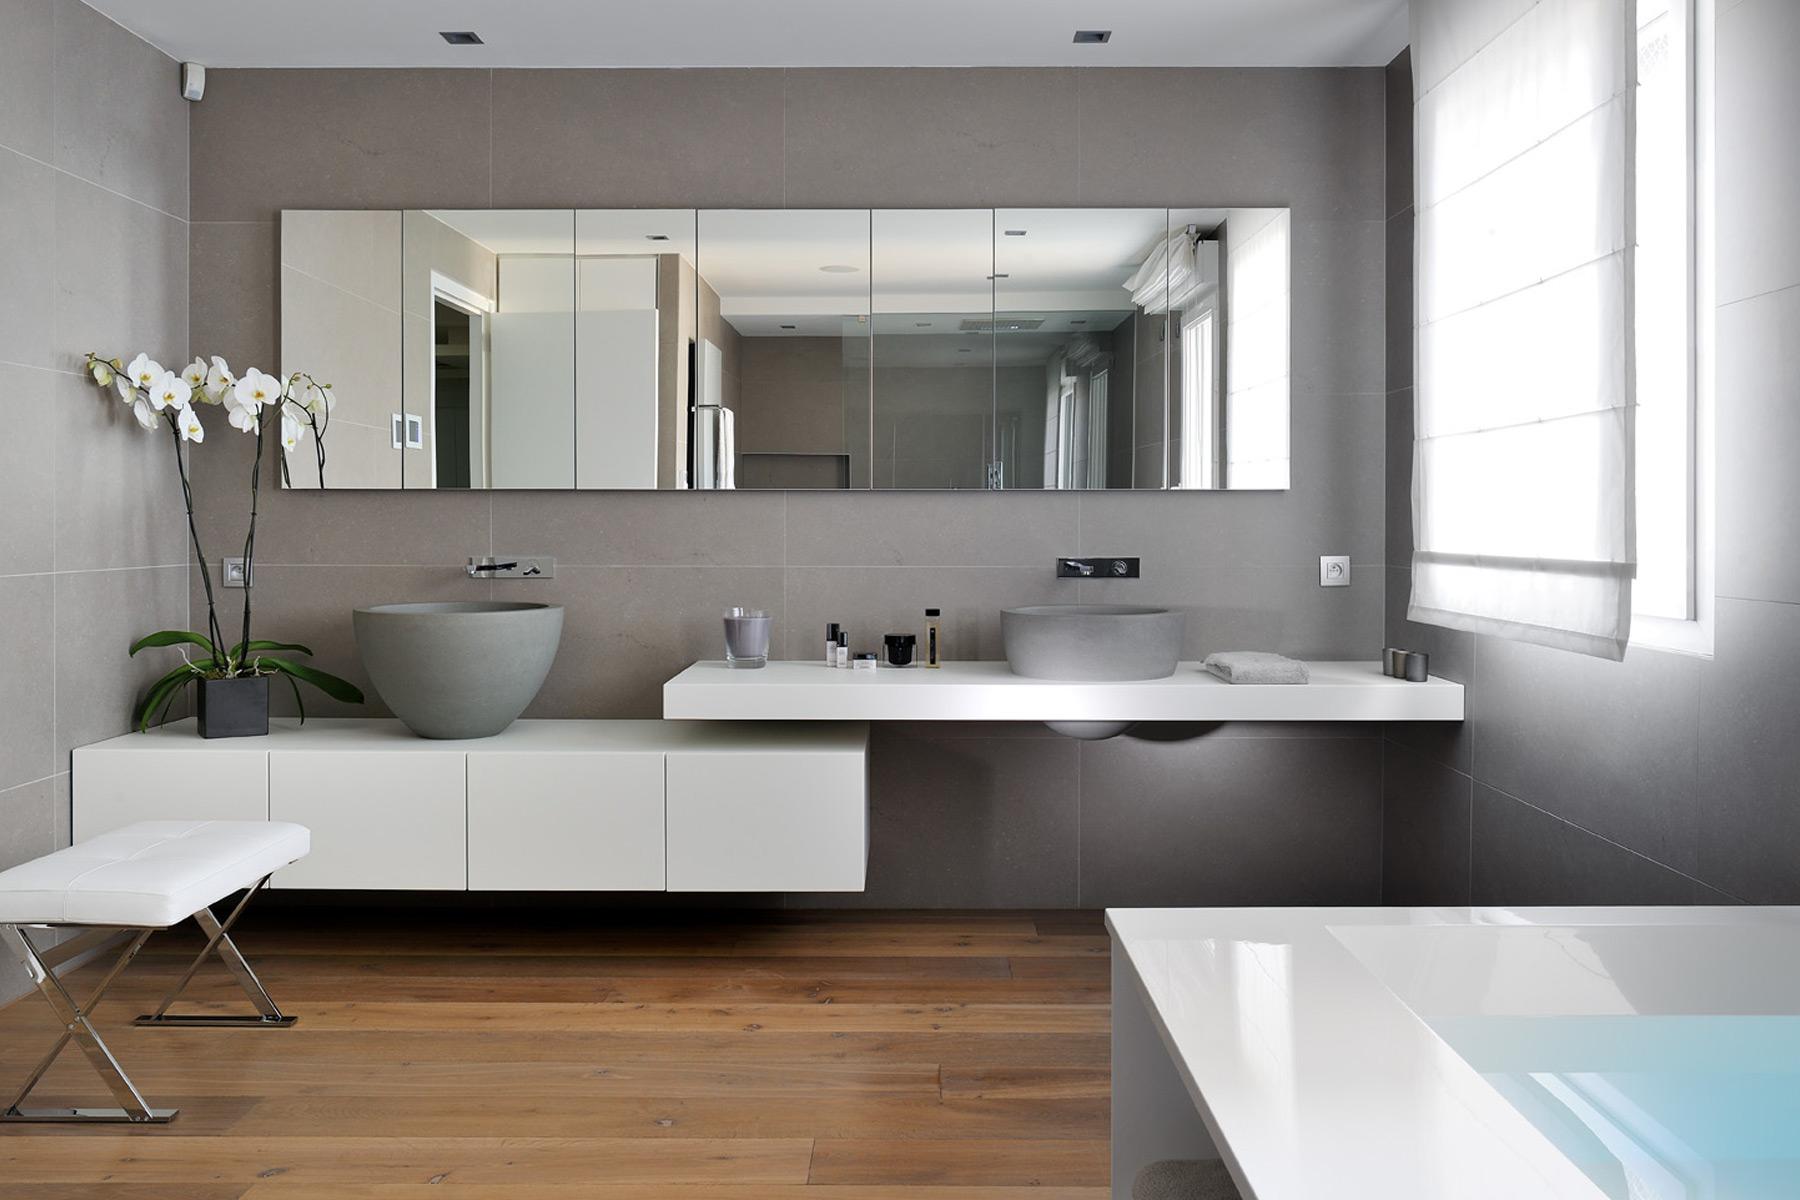 Salle De Bain Ikea 2014 Luxe Photographie Catalogue Salle De Bains Ikea Idées Inspirées Pour La Maison